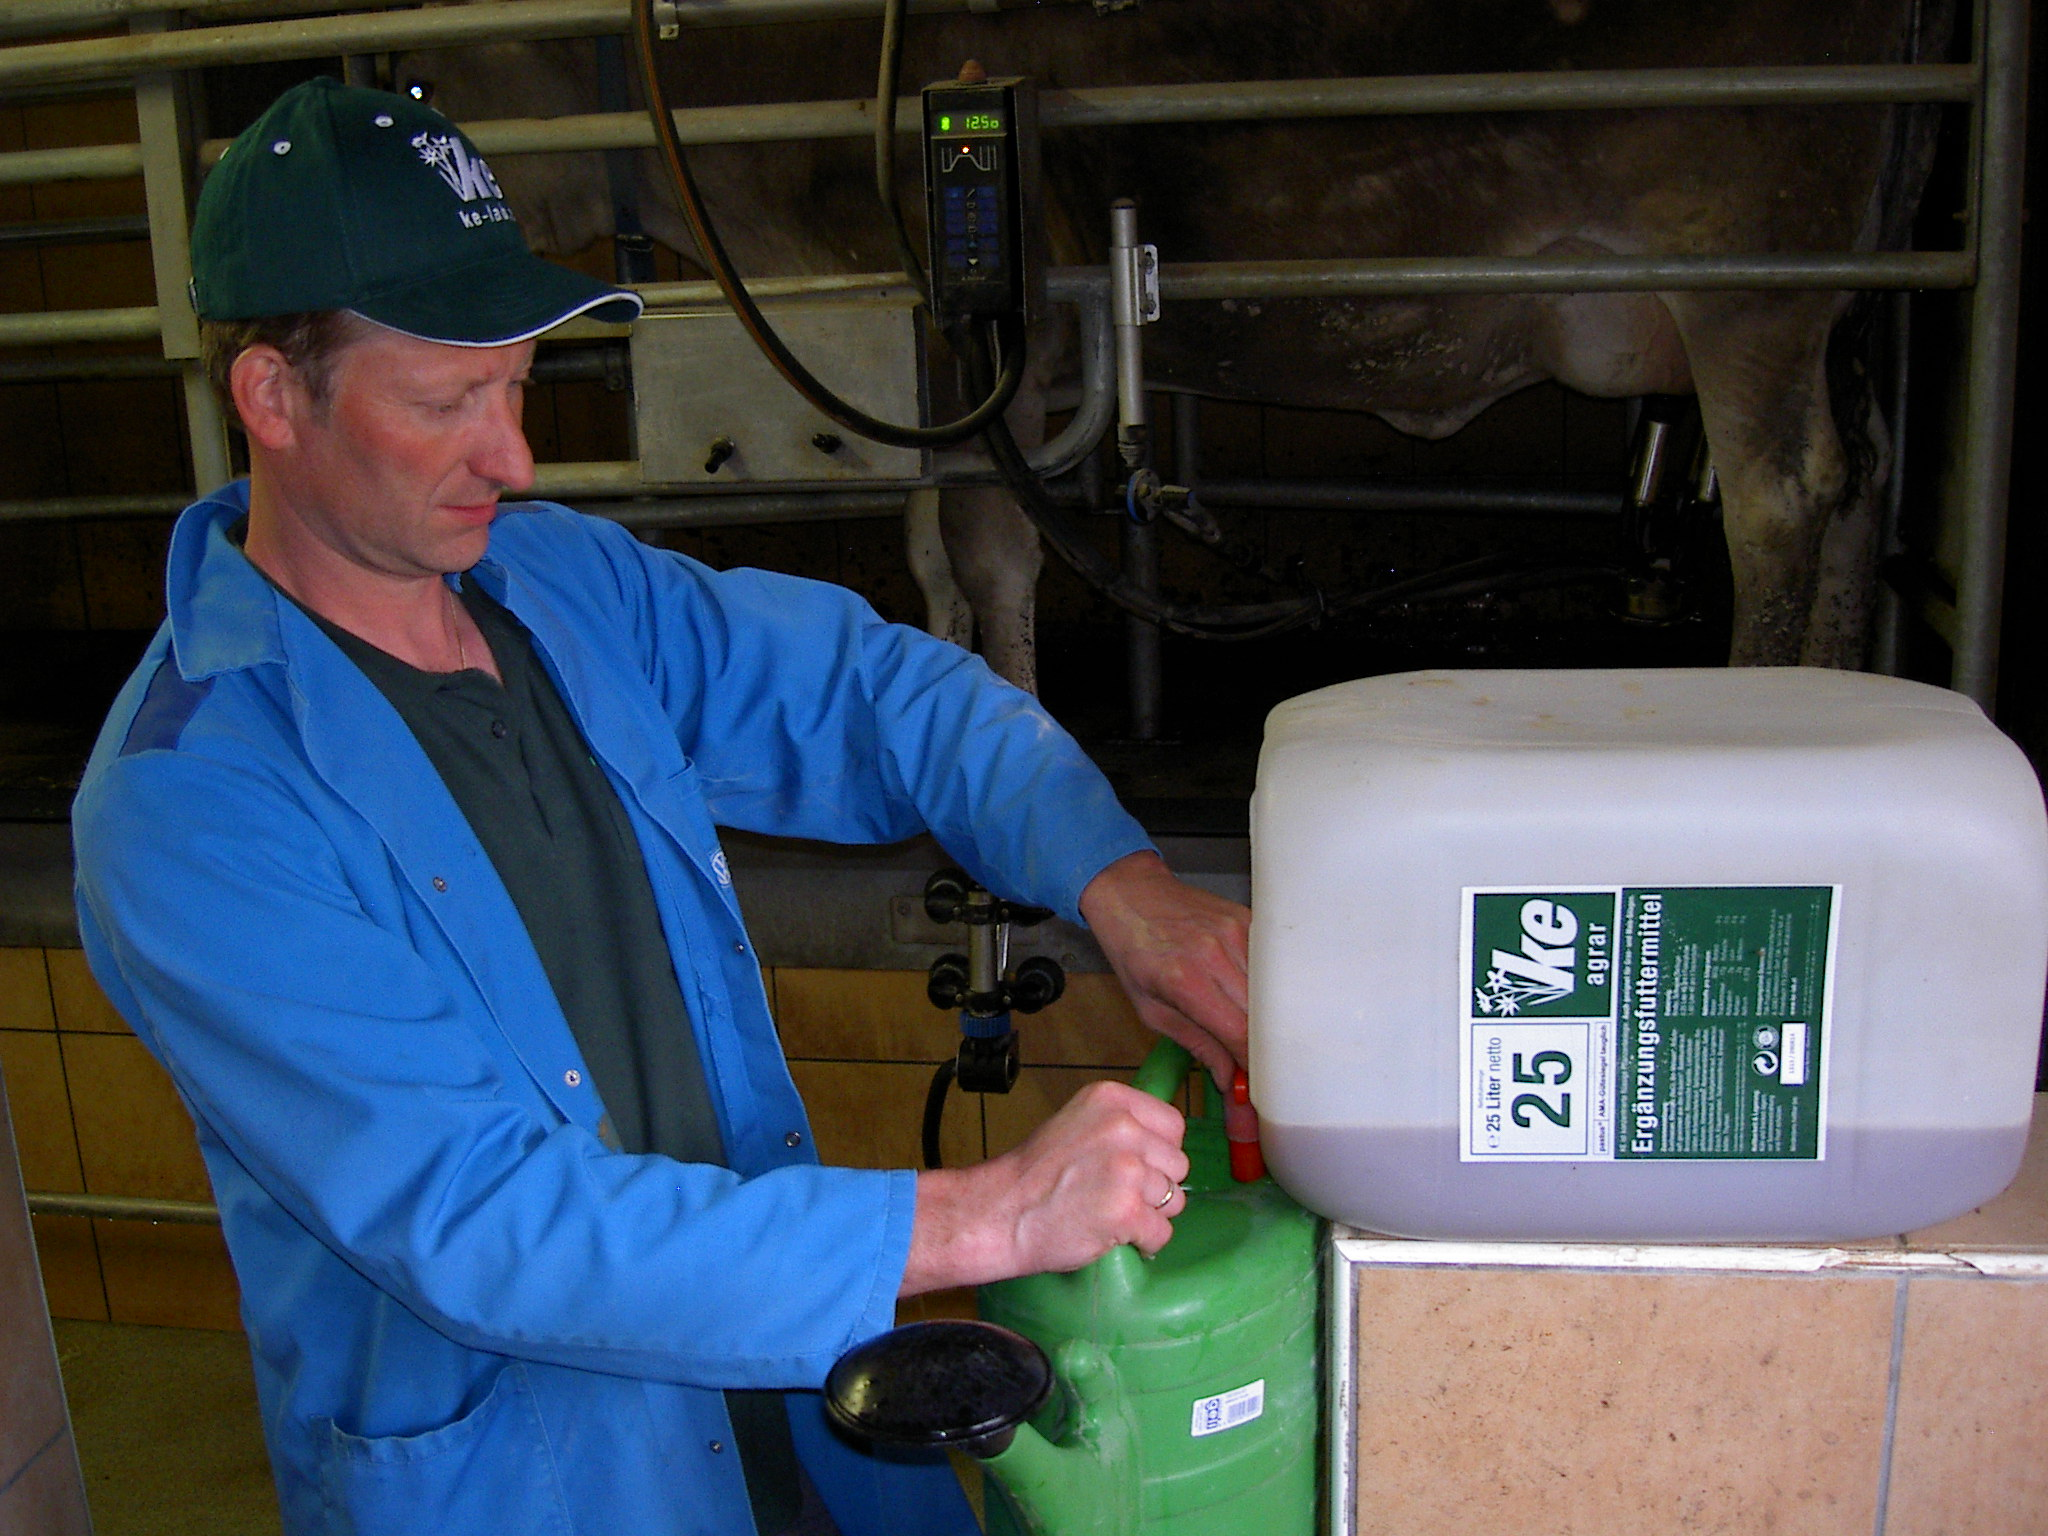 Erfolgt die Dosierung von KE-agrar mit einer Gießkanne sollte KE-agrar mit Wasser verdünnt werden um eine zu hohe Dosierung zu vermeiden.